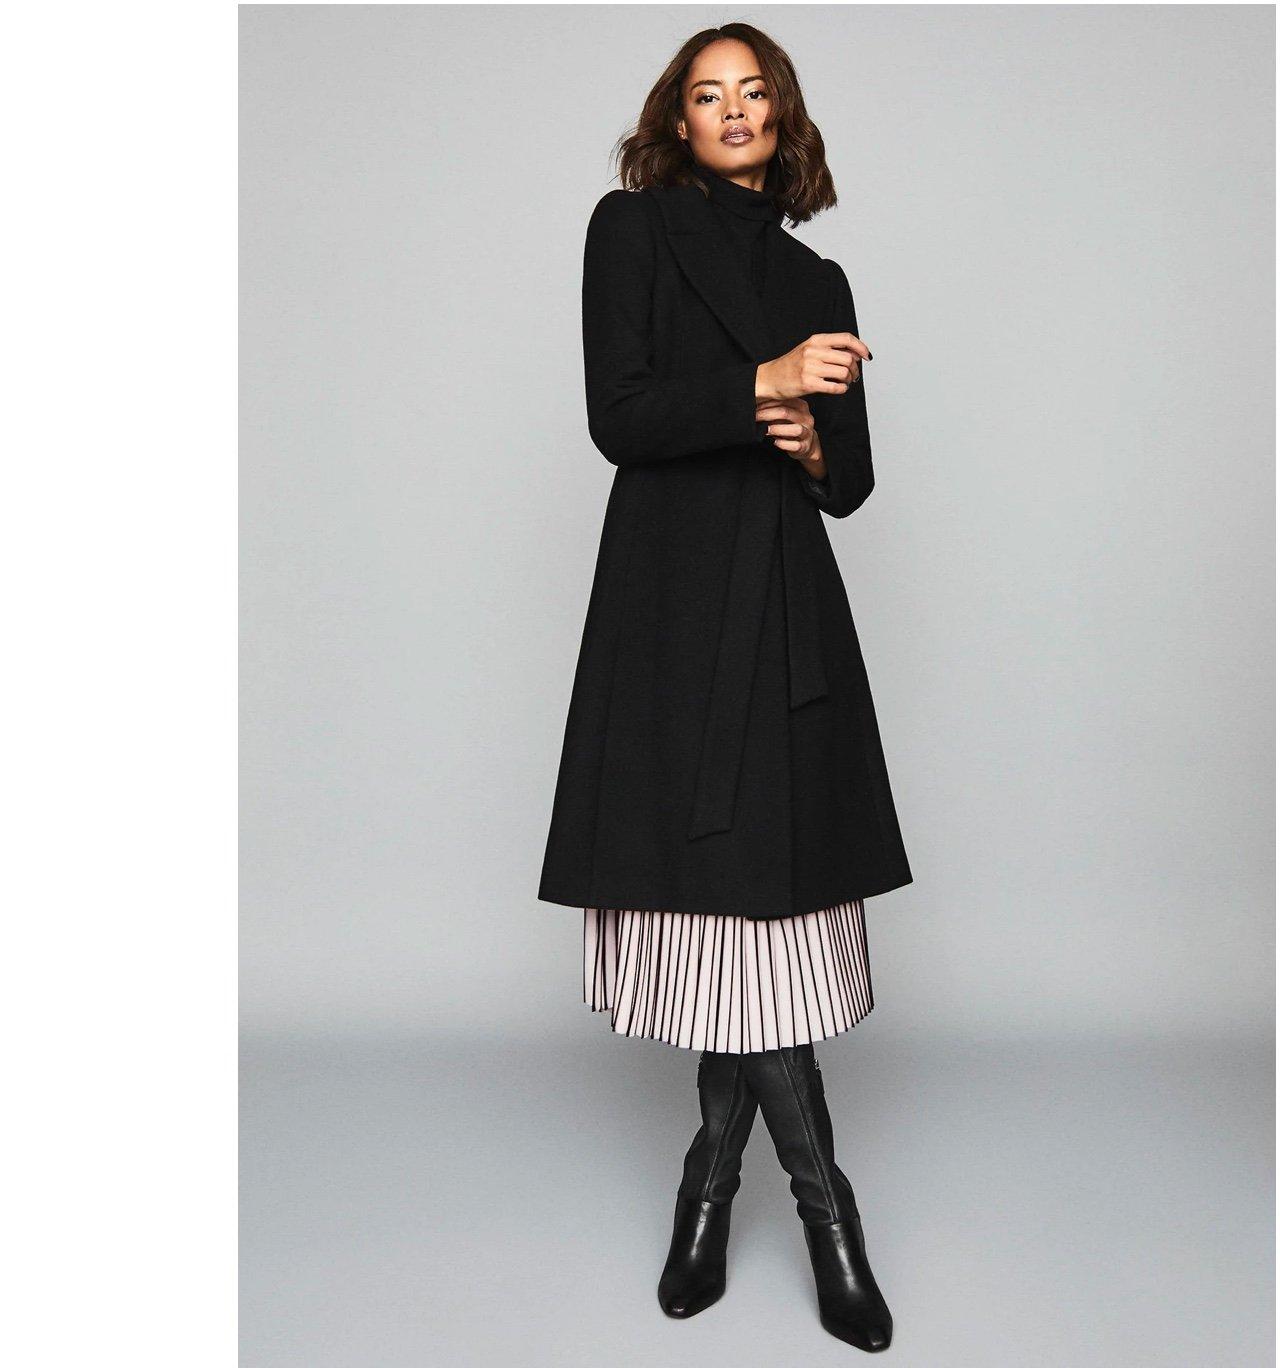 Hessie Coat